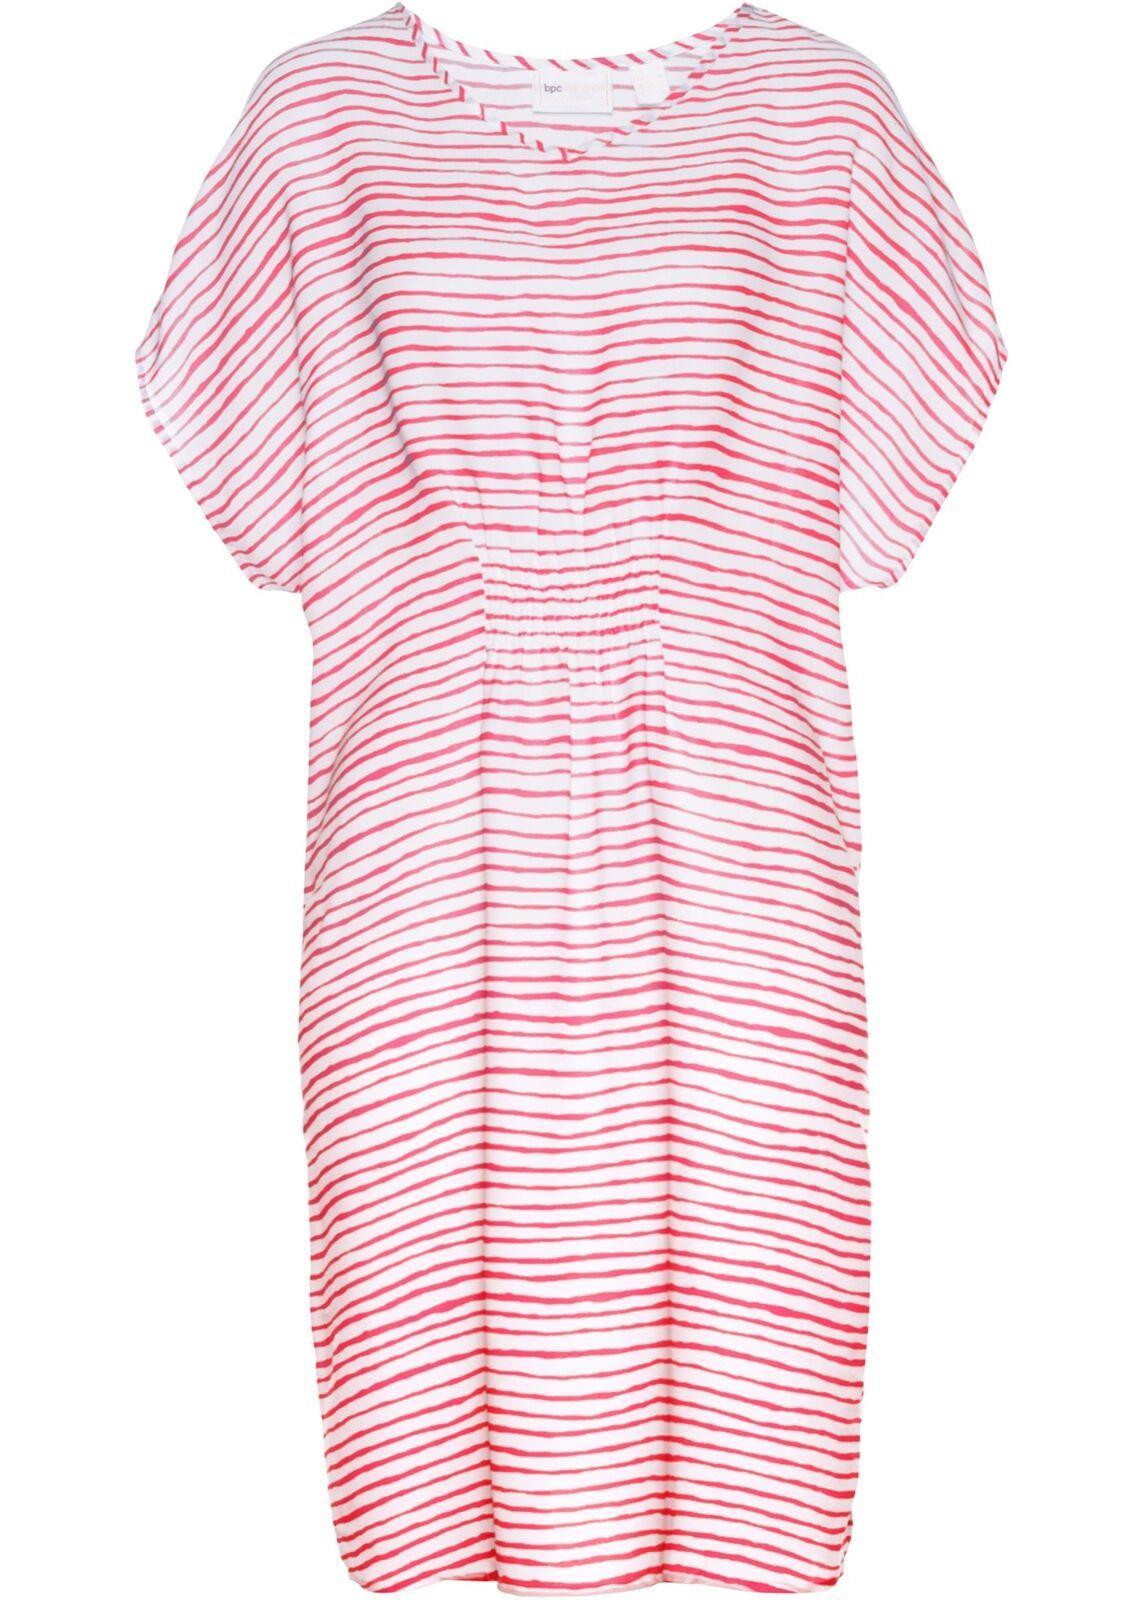 details zu kleid gr. 48 hellpink weiß damen-kleid